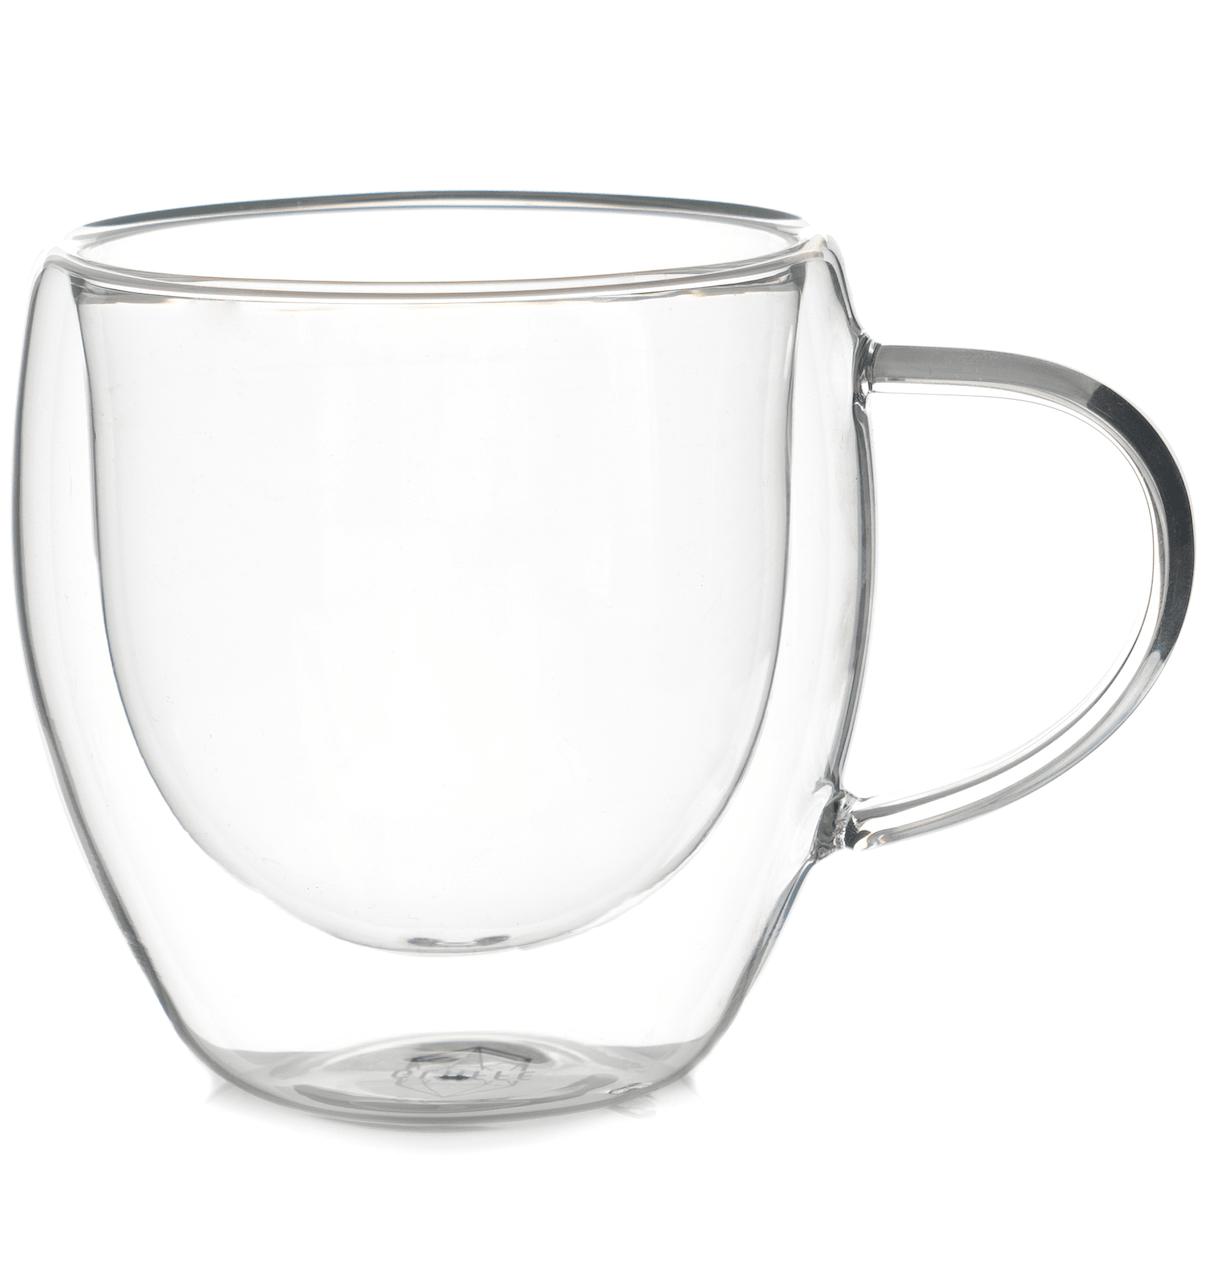 Все товары Чашка с двойными стенками, стеклянная, 150 мл 3-min.png